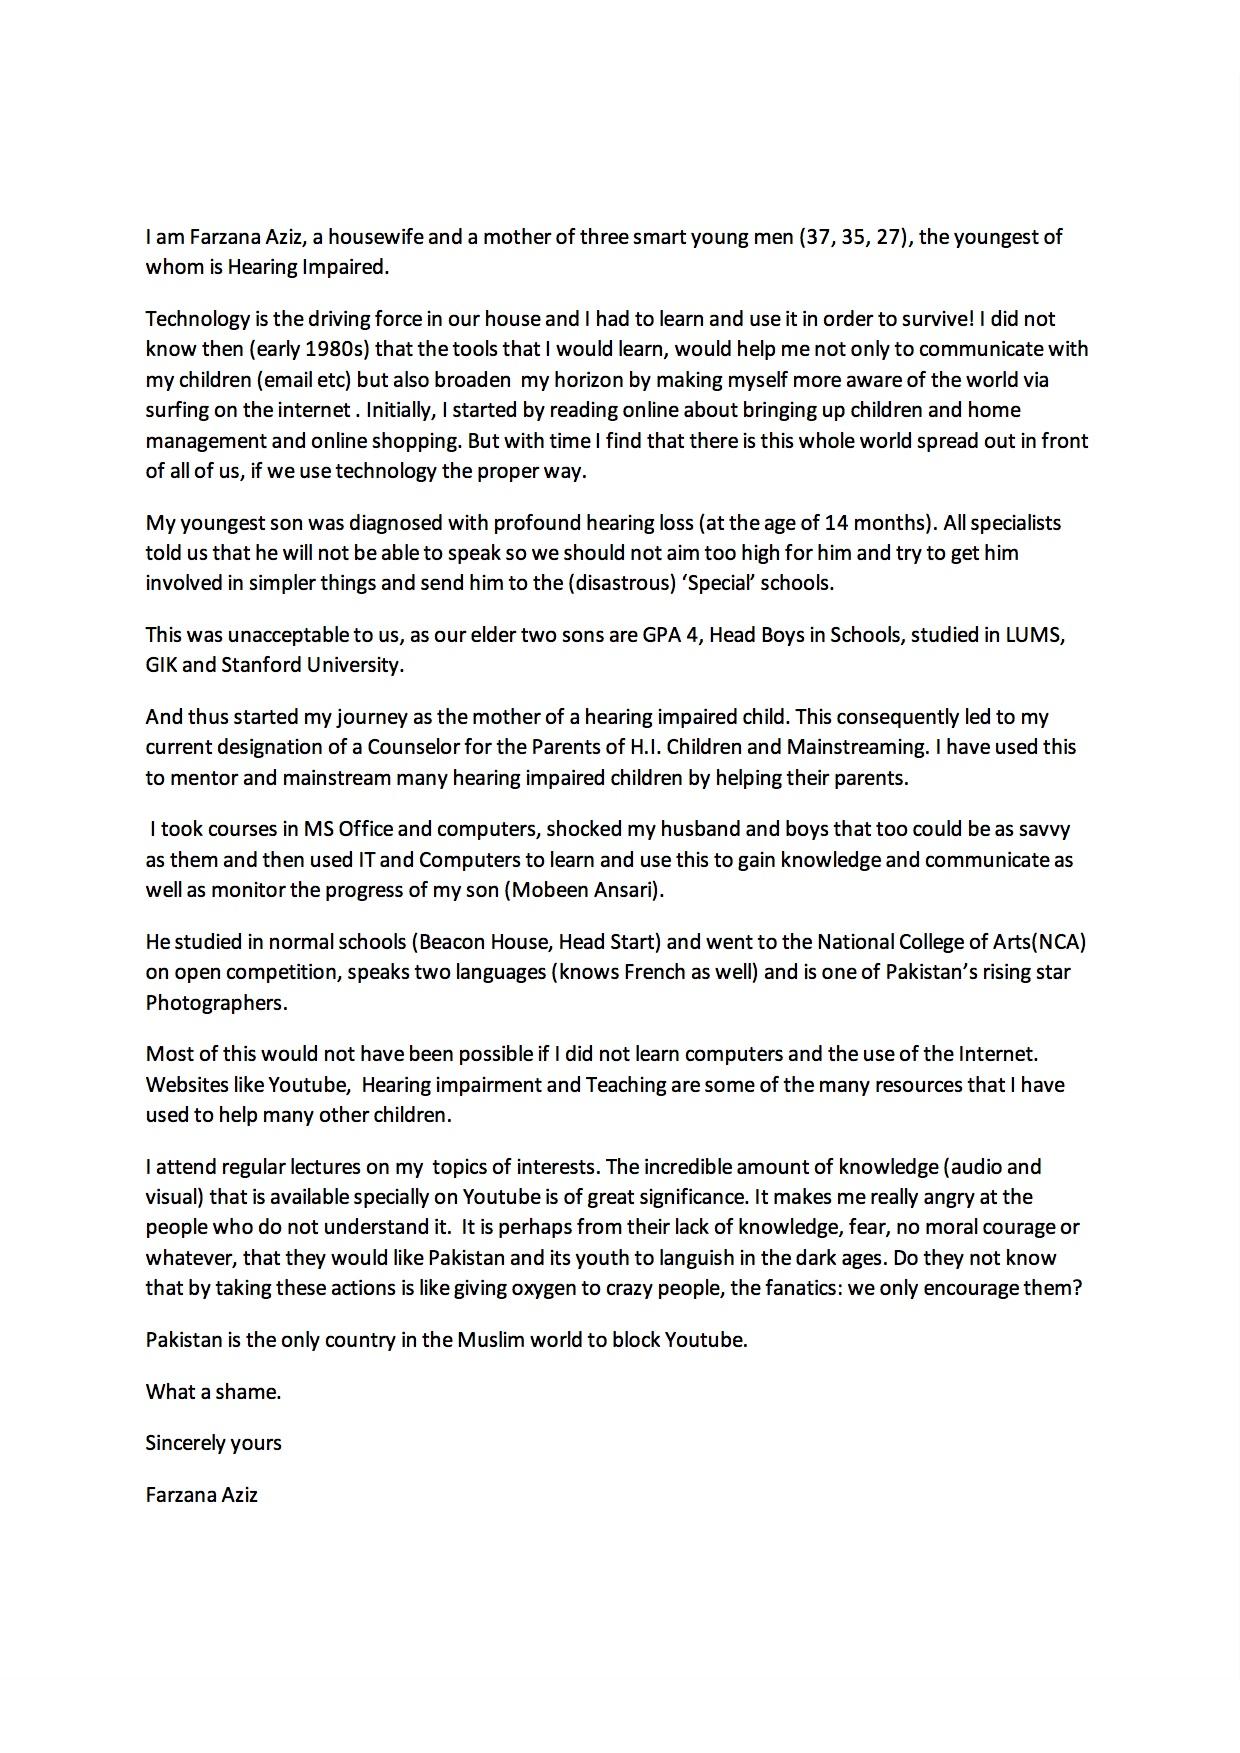 Farzana's Letter